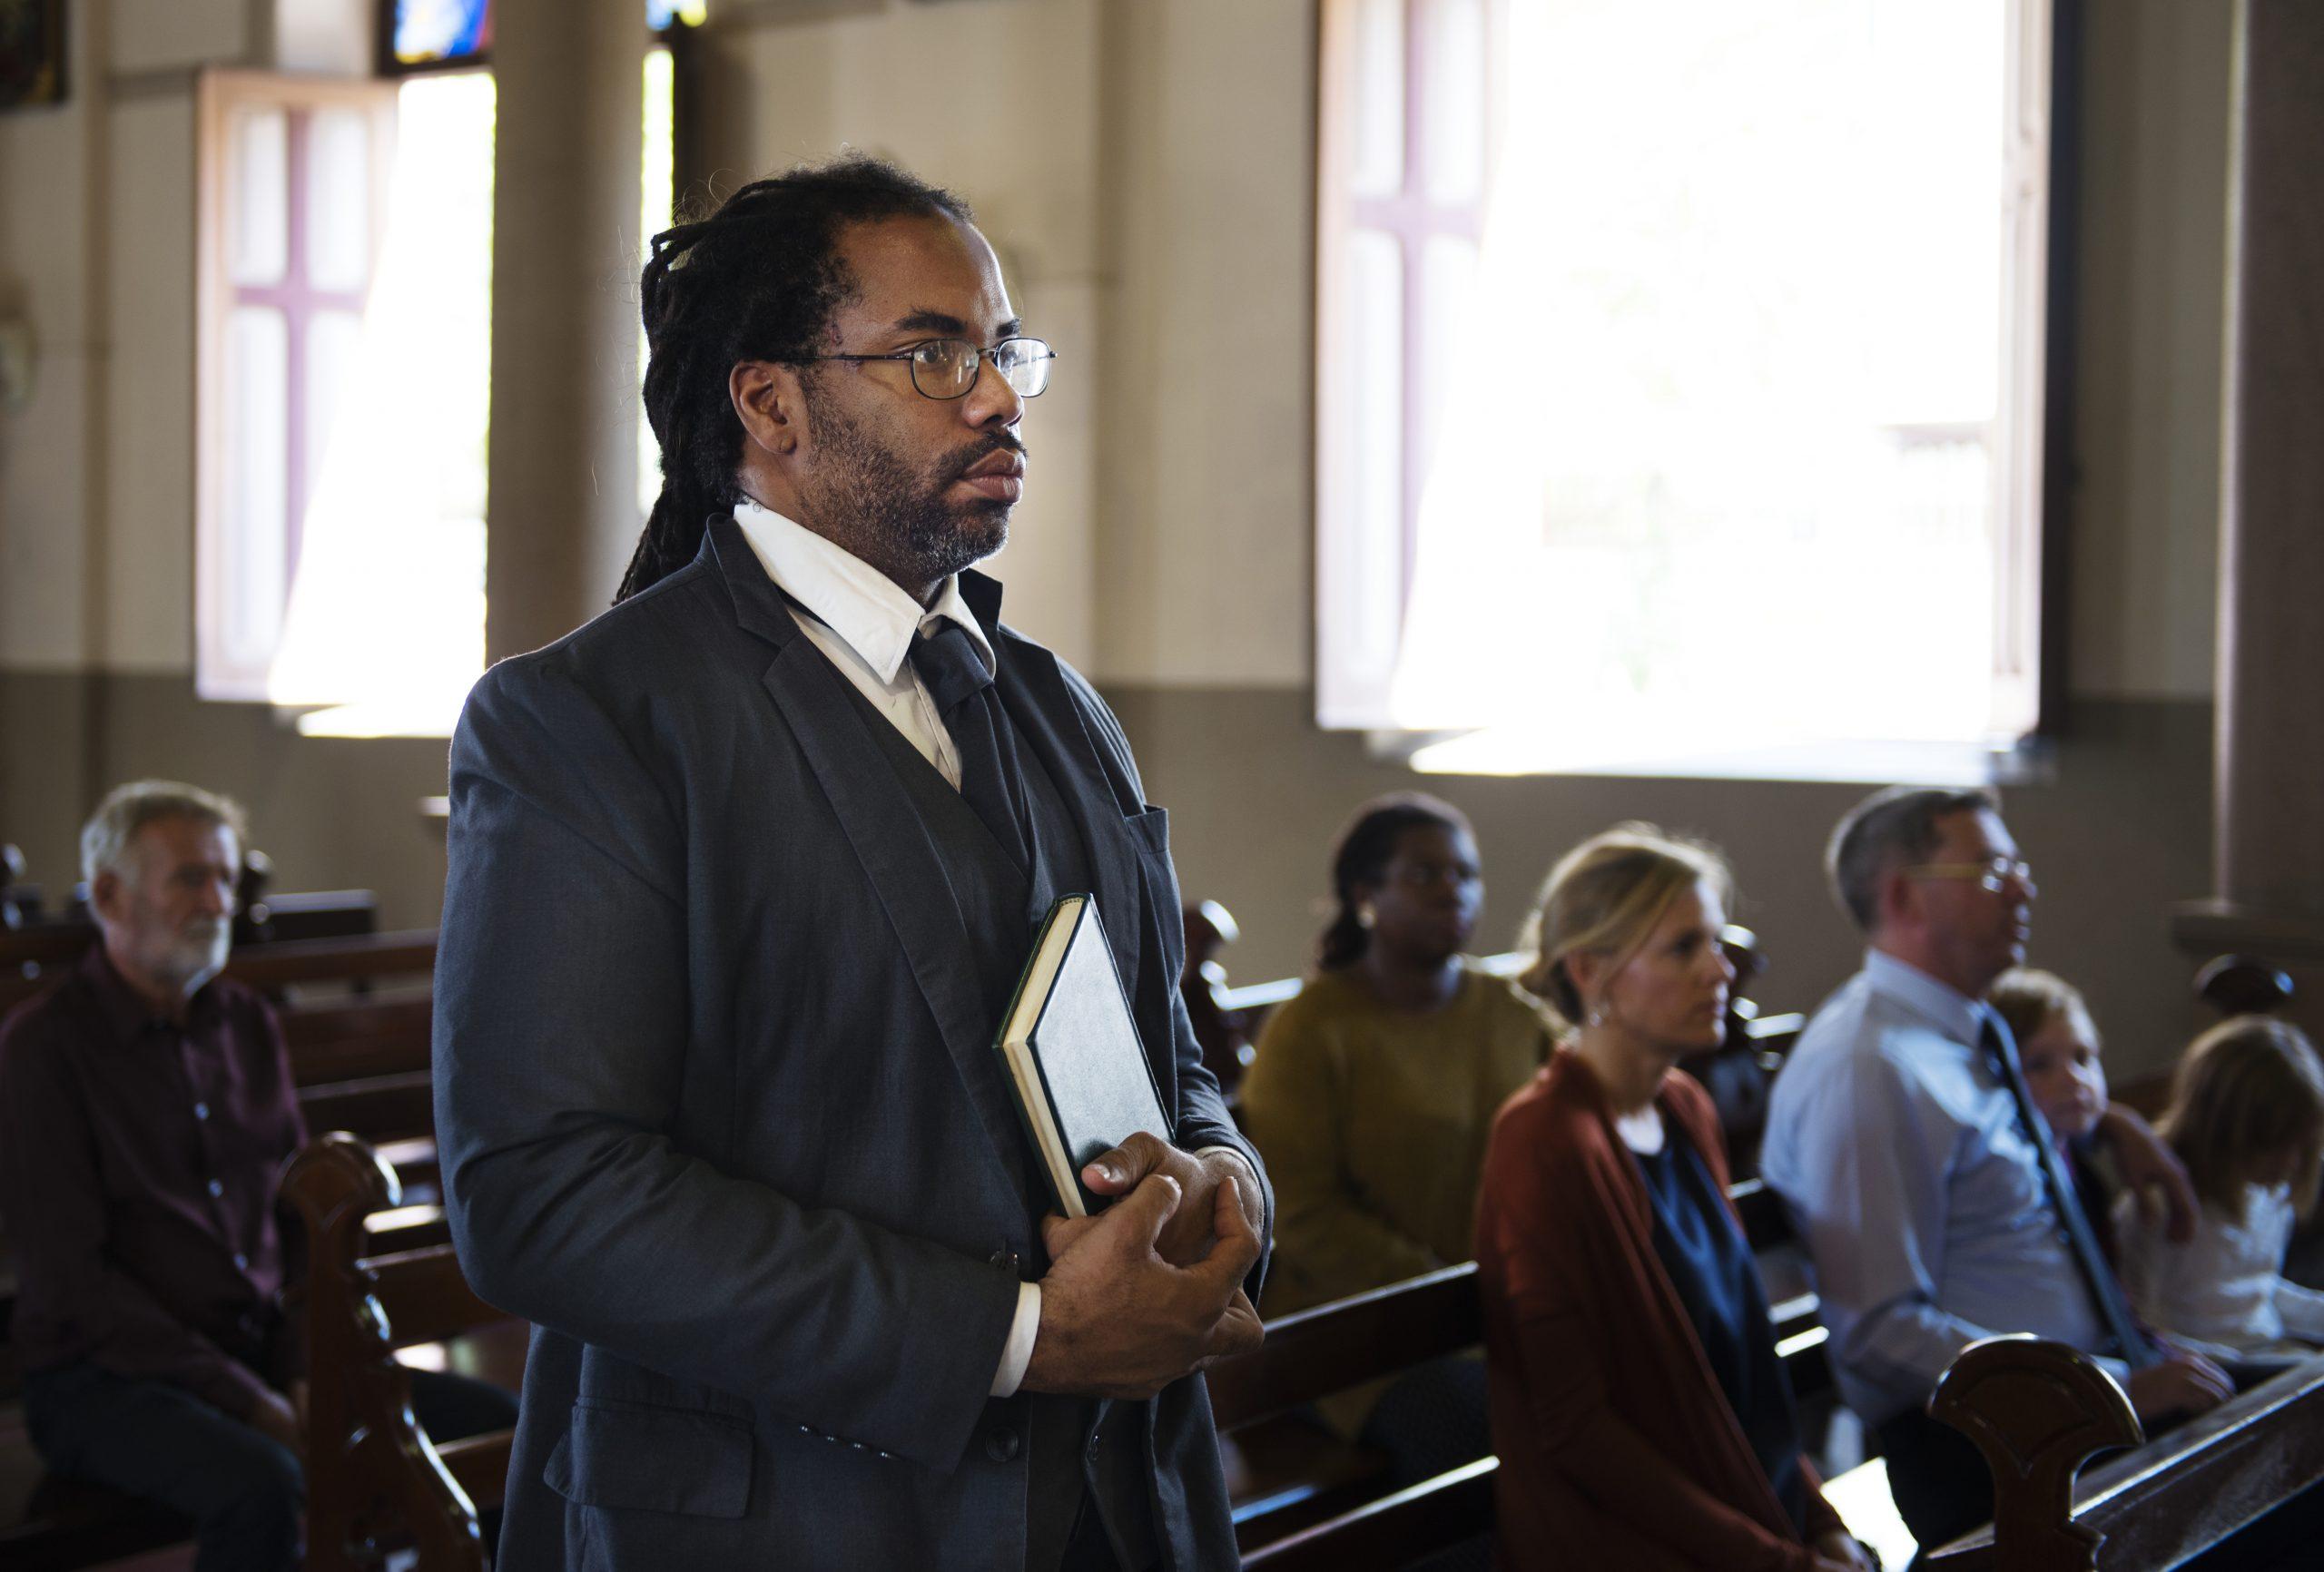 transmissao de culto ao vivo para igrejas fiel evangelizacao Obama encontro pastor